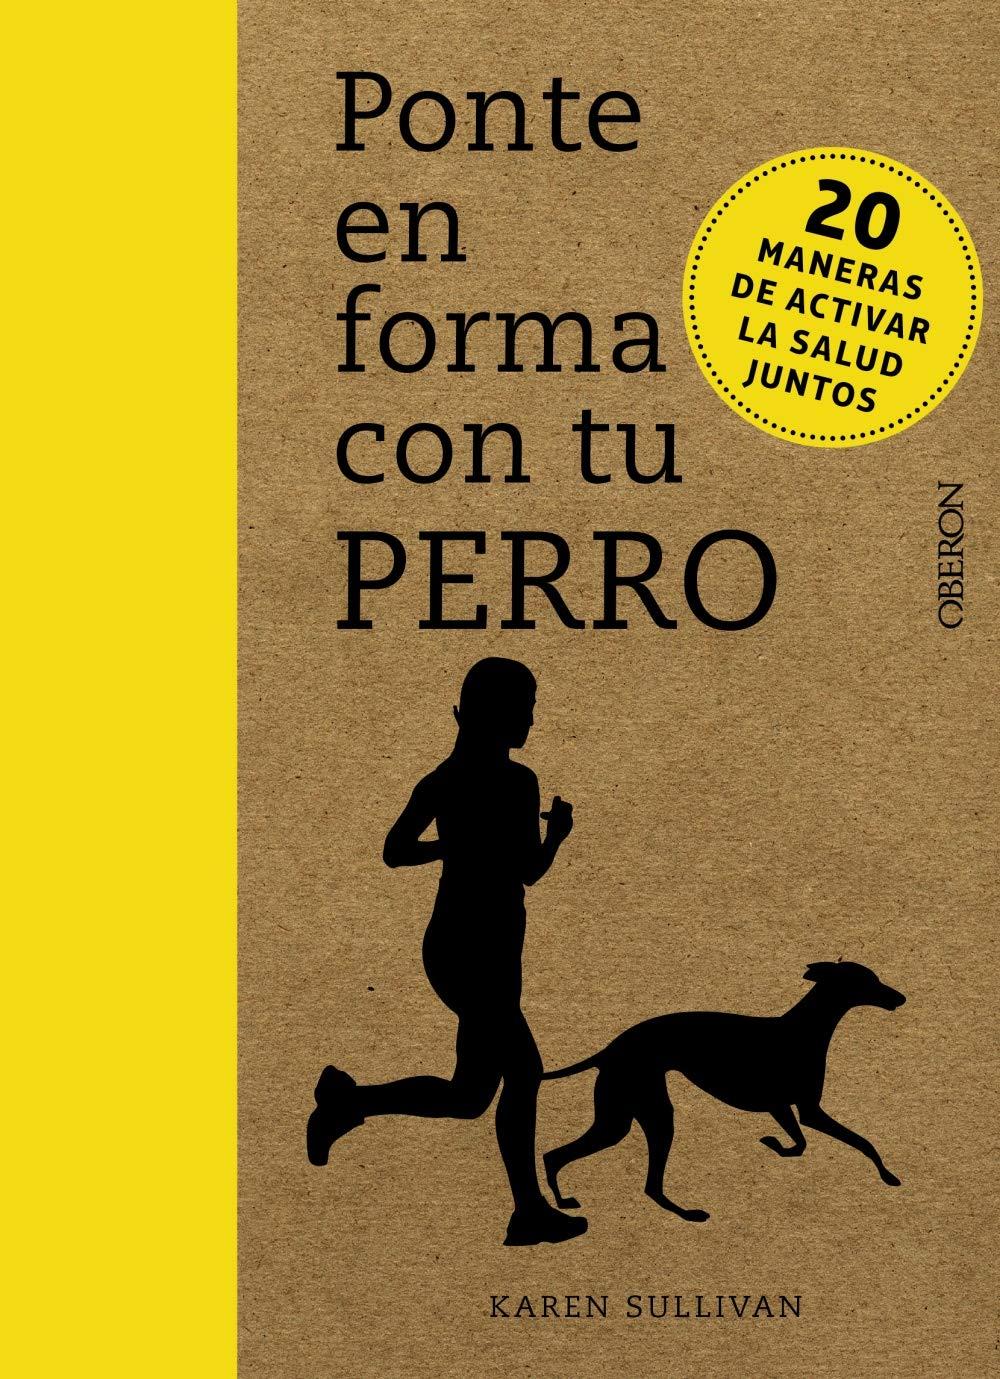 Ponte en forma con tu perro (Libros Singulares)